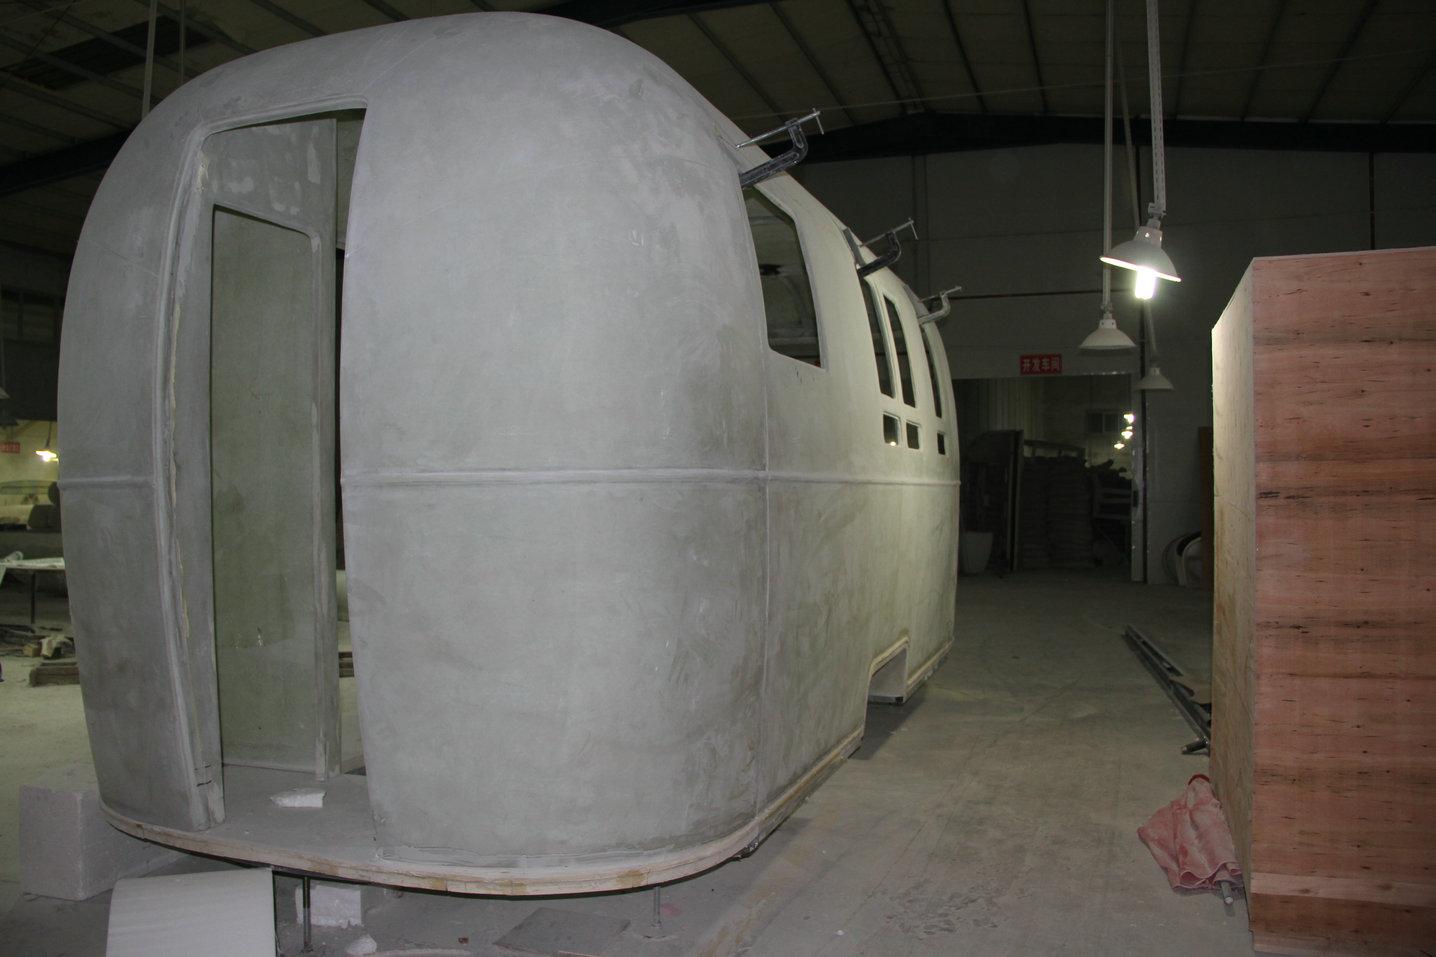 玻璃钢设备外壳 - 深圳玻璃钢家具|玻璃钢制品厂|玻璃图片